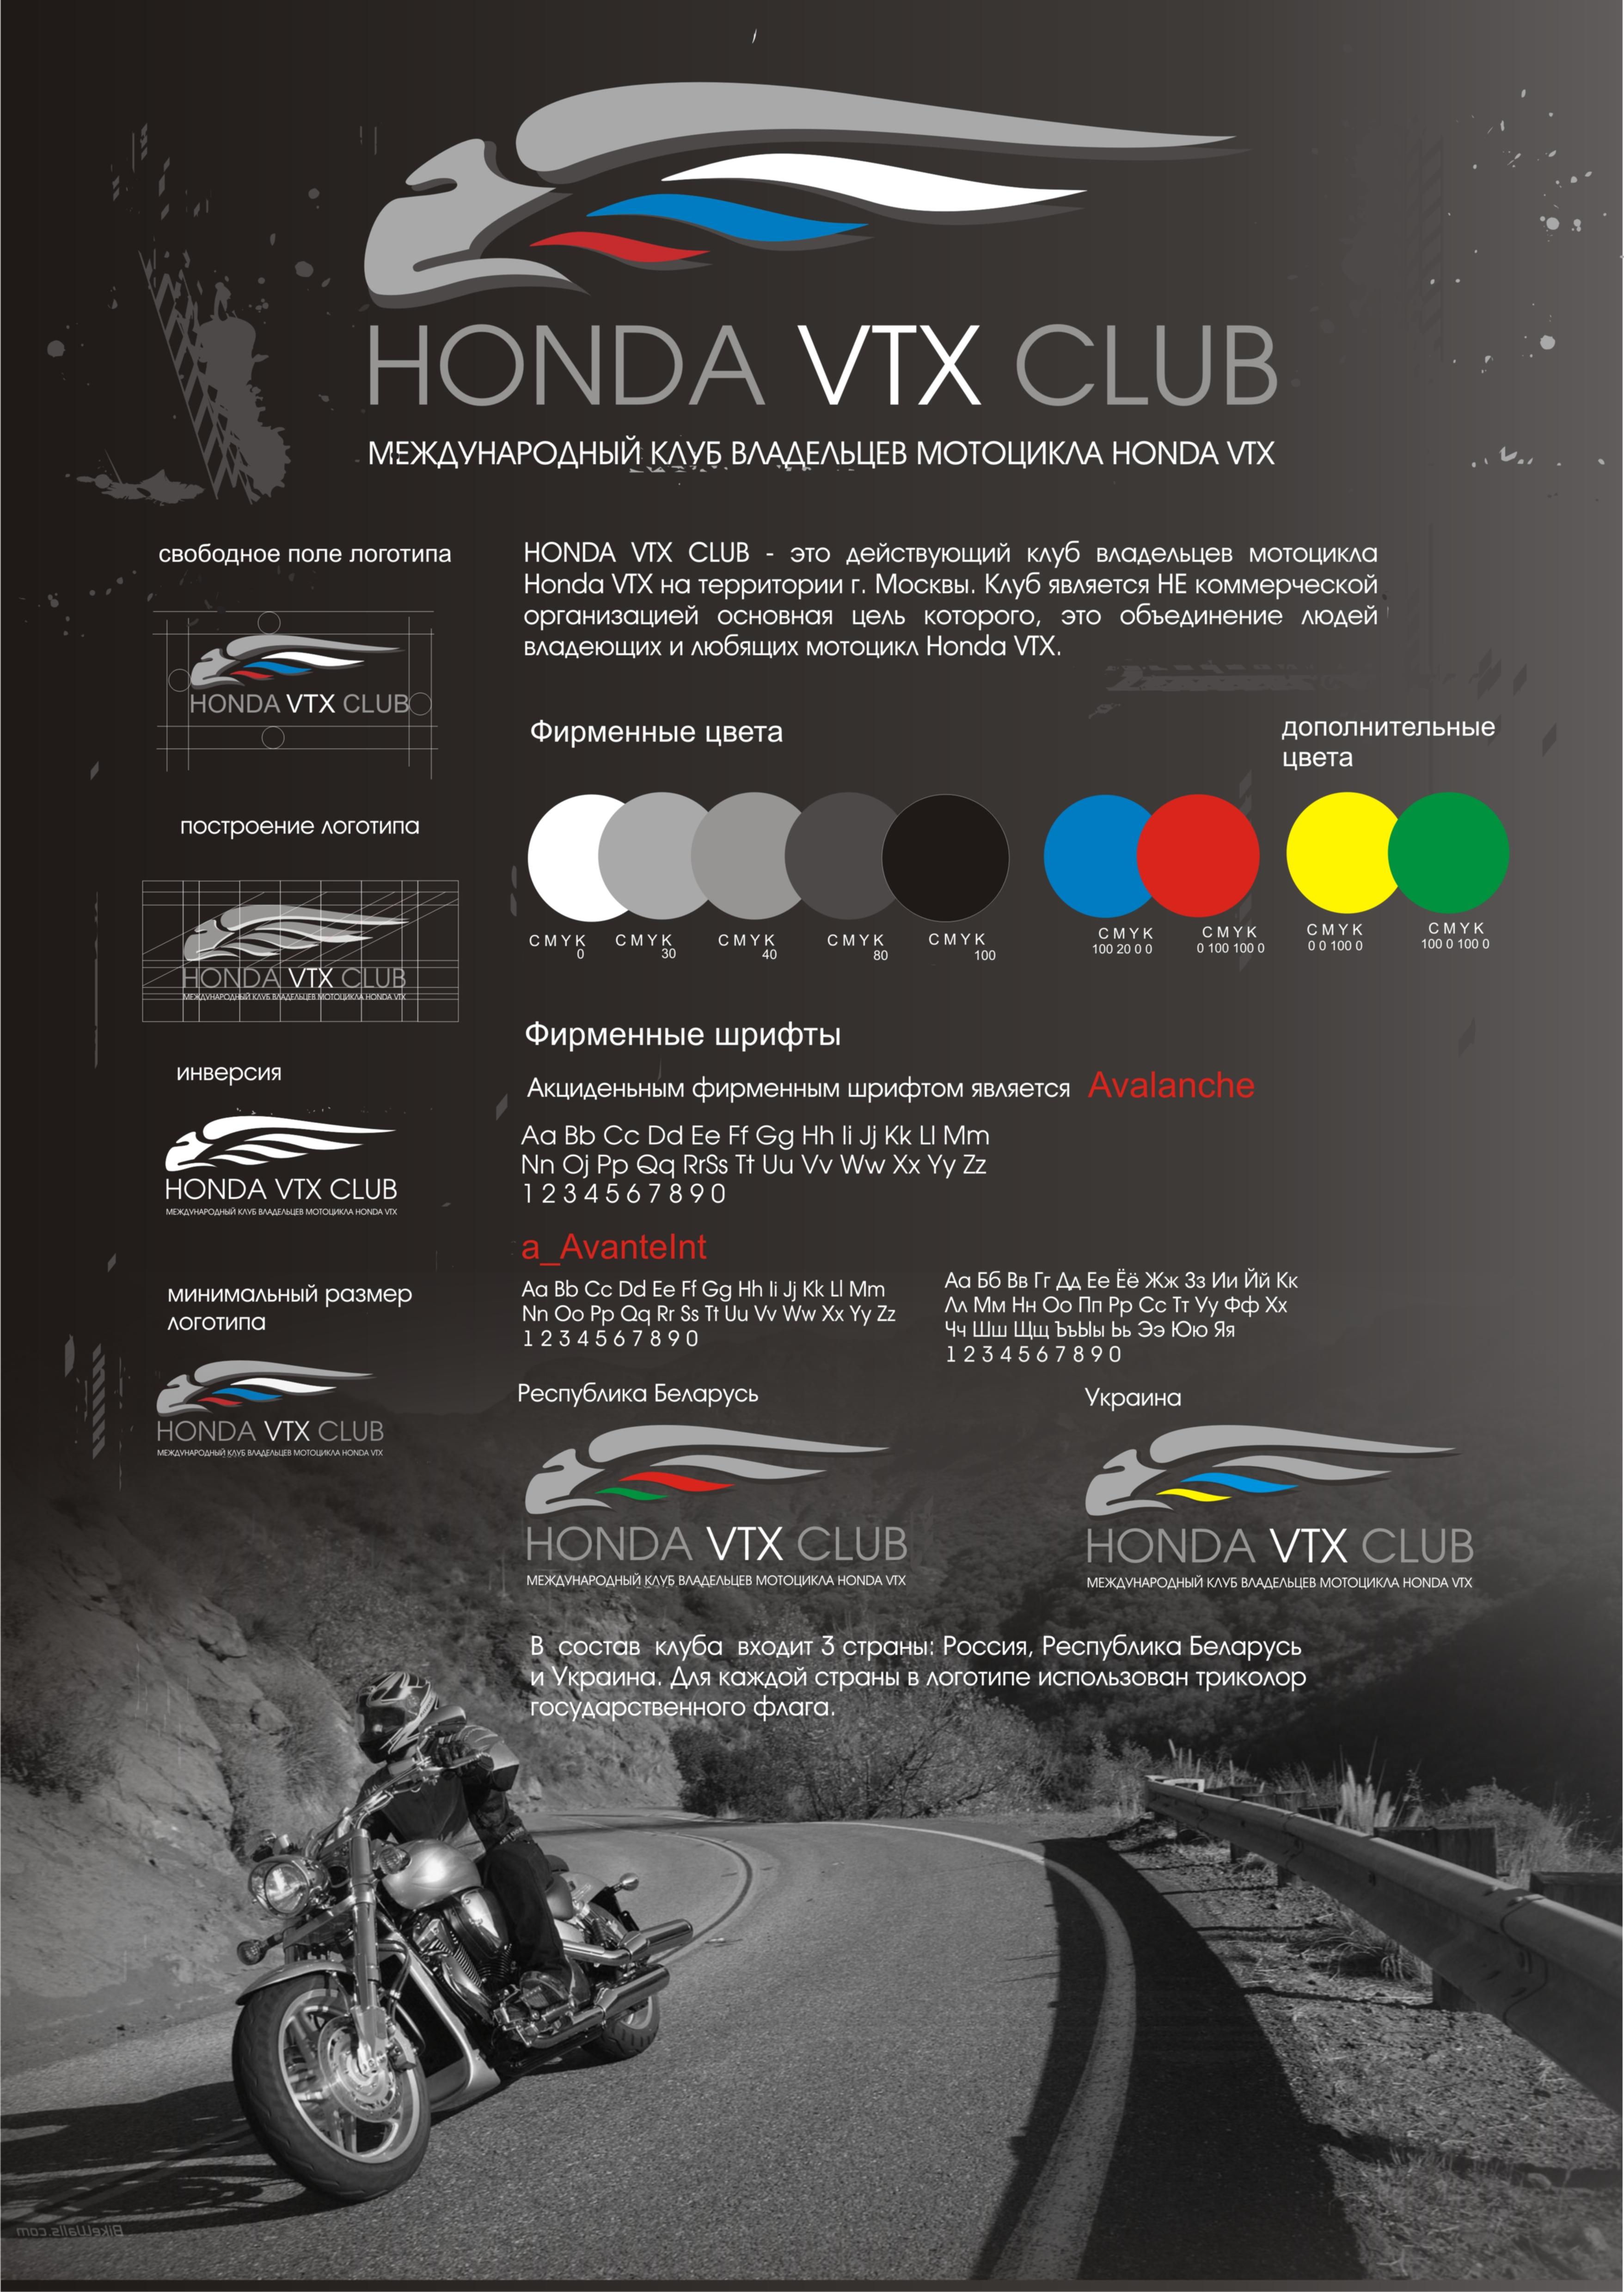 Логотип и фирменный стиль для международного клуба владельцев HONDA VTX